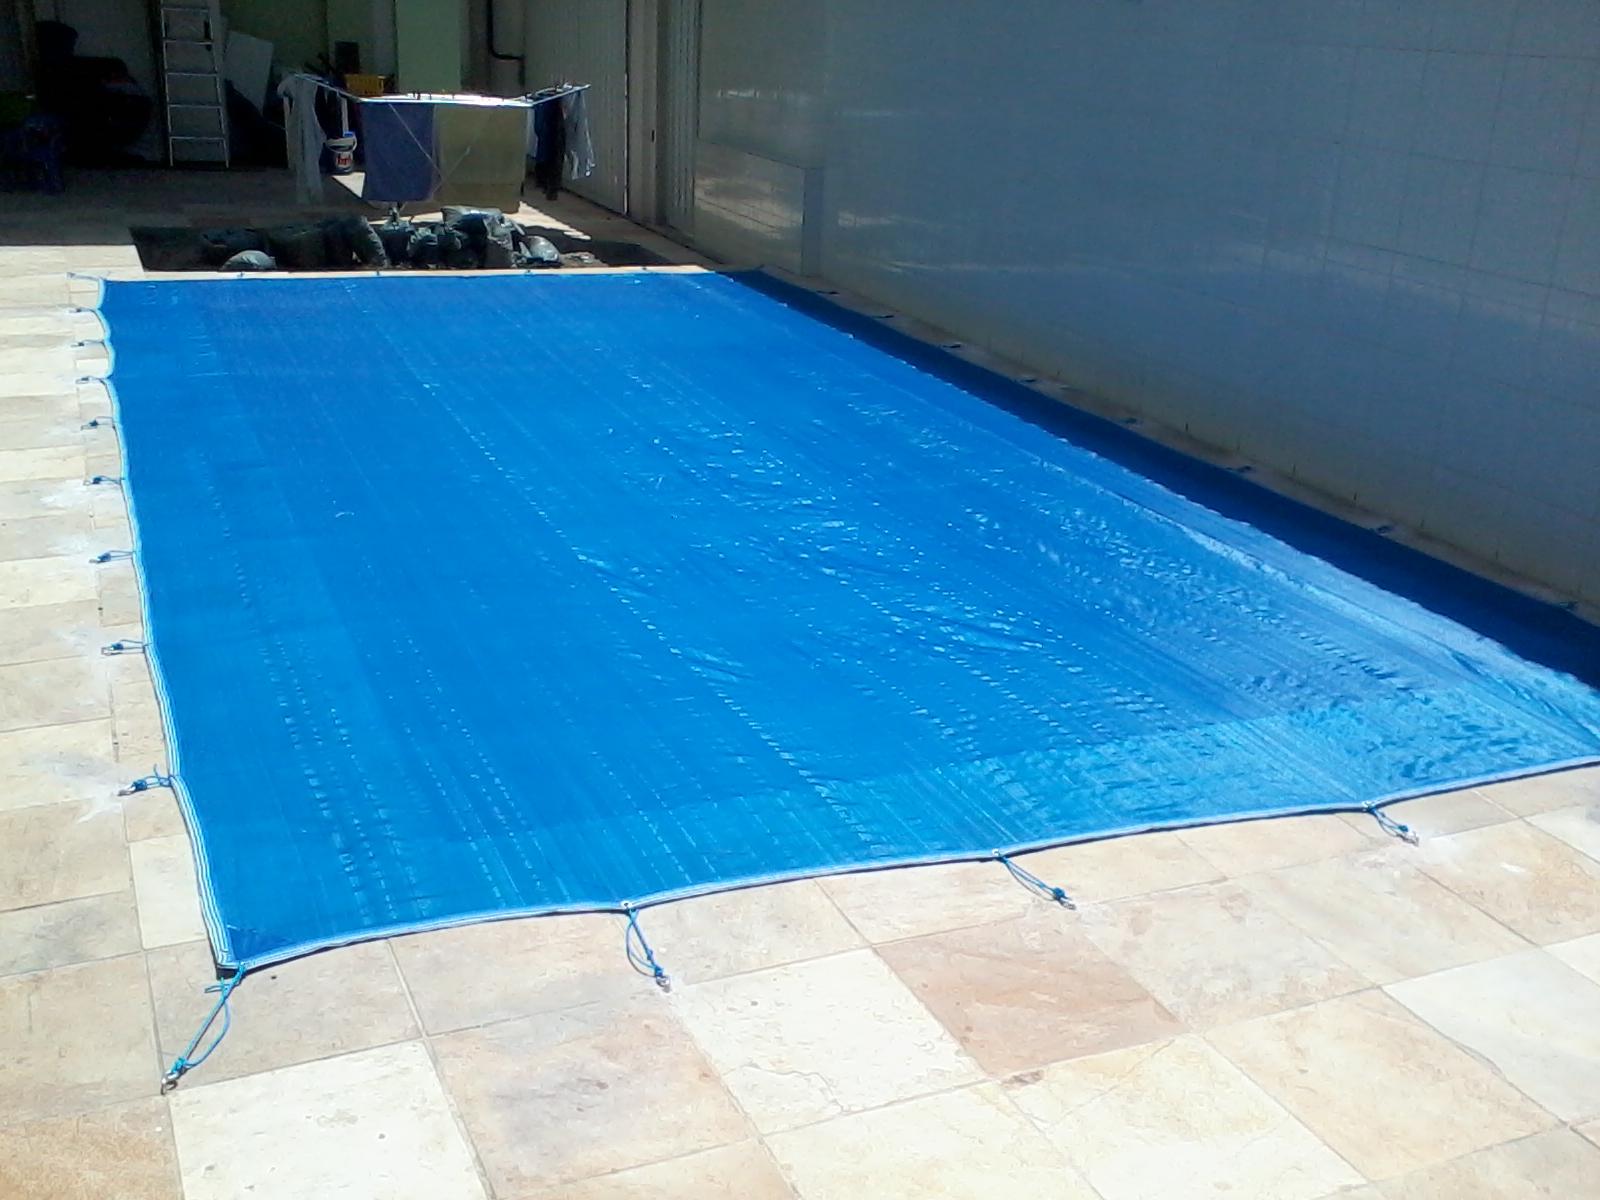 capas para piscinas rj telas para piscinas rj